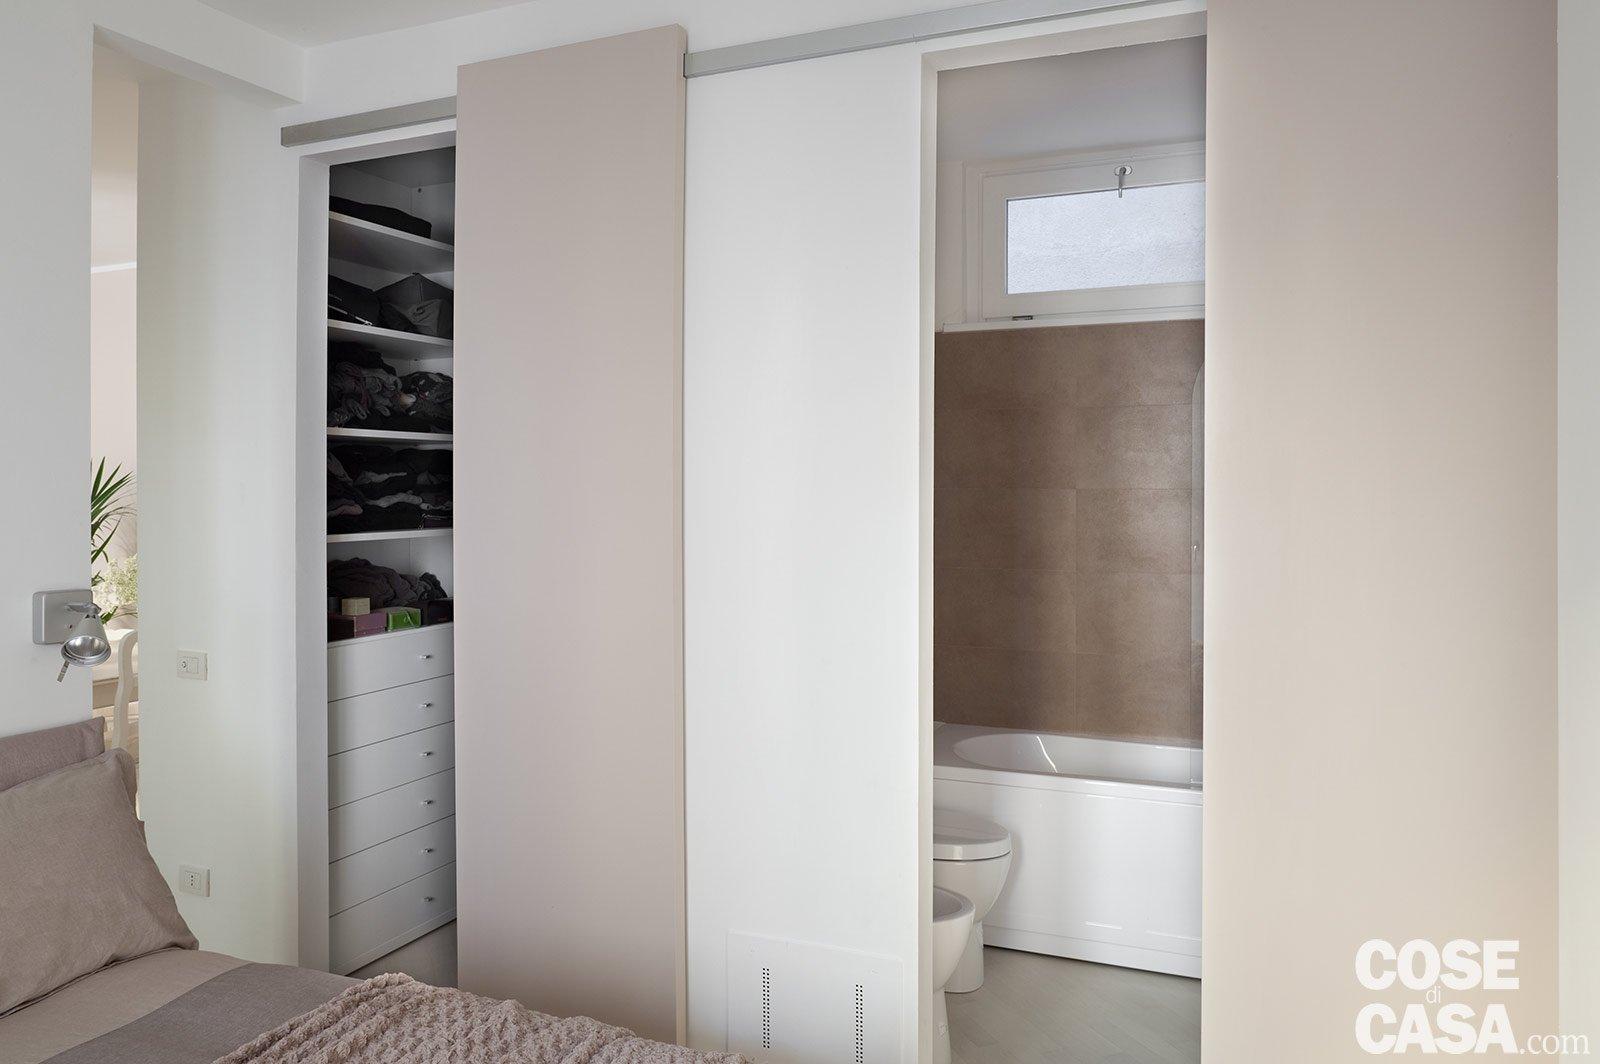 Parete Divisoria In Cartongesso Con Porta Scorrevole : Mq una stanza in più casa cose di